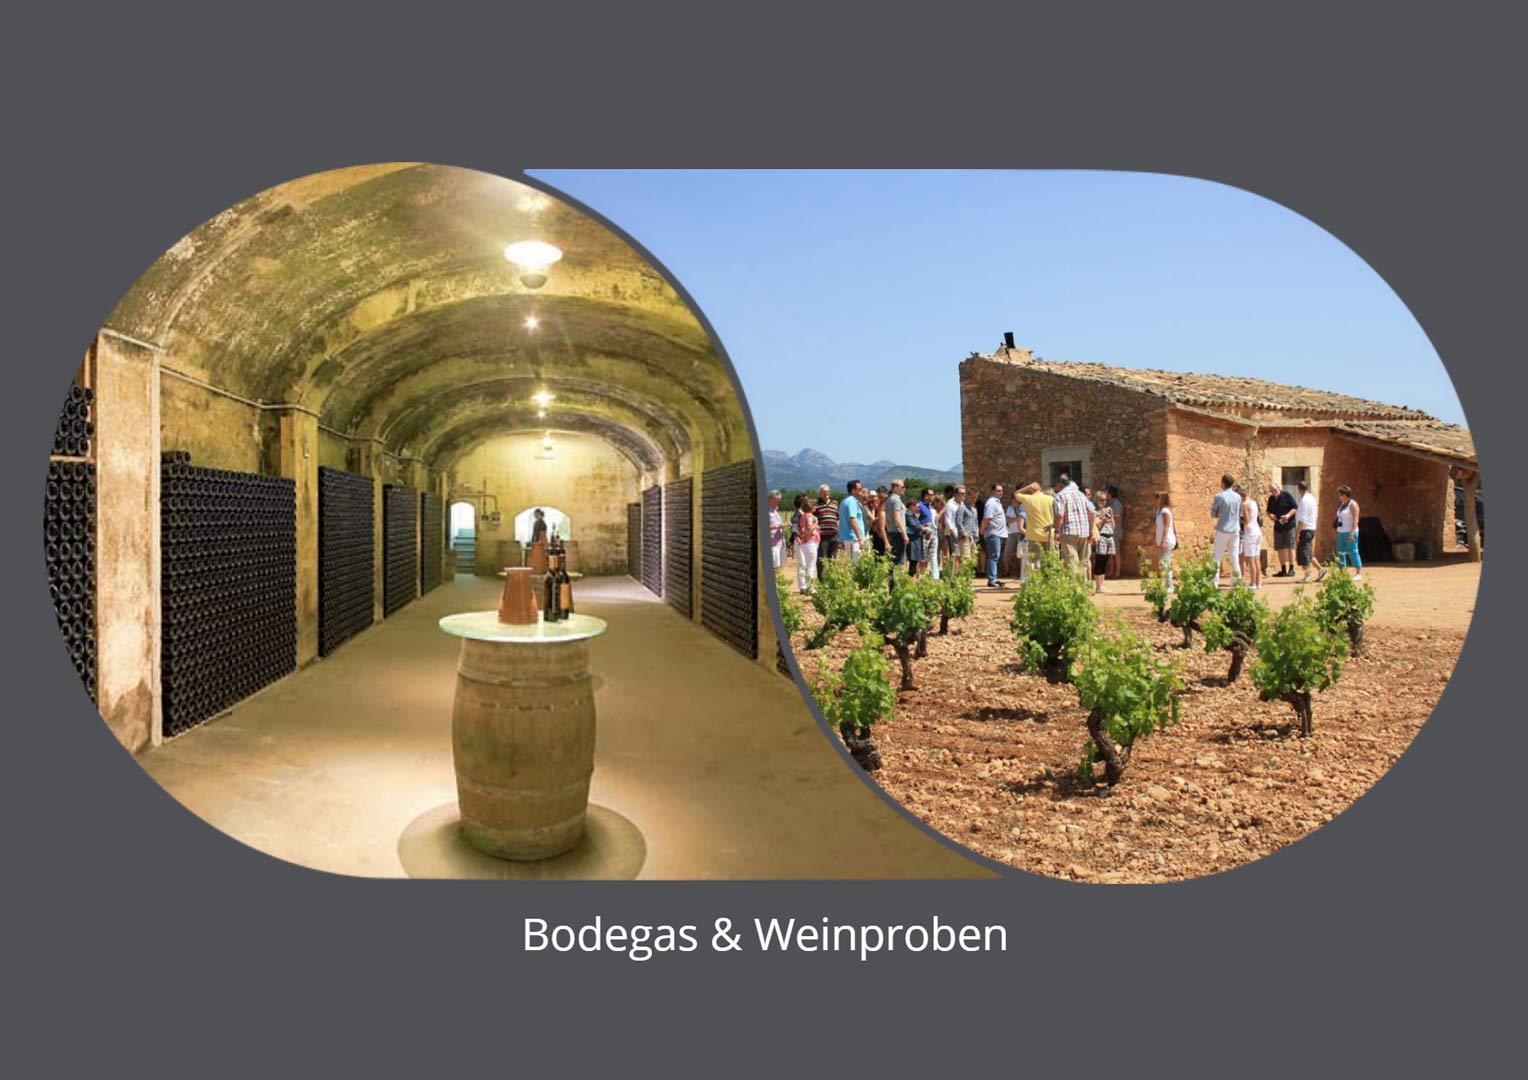 Bodegas und Weinproben